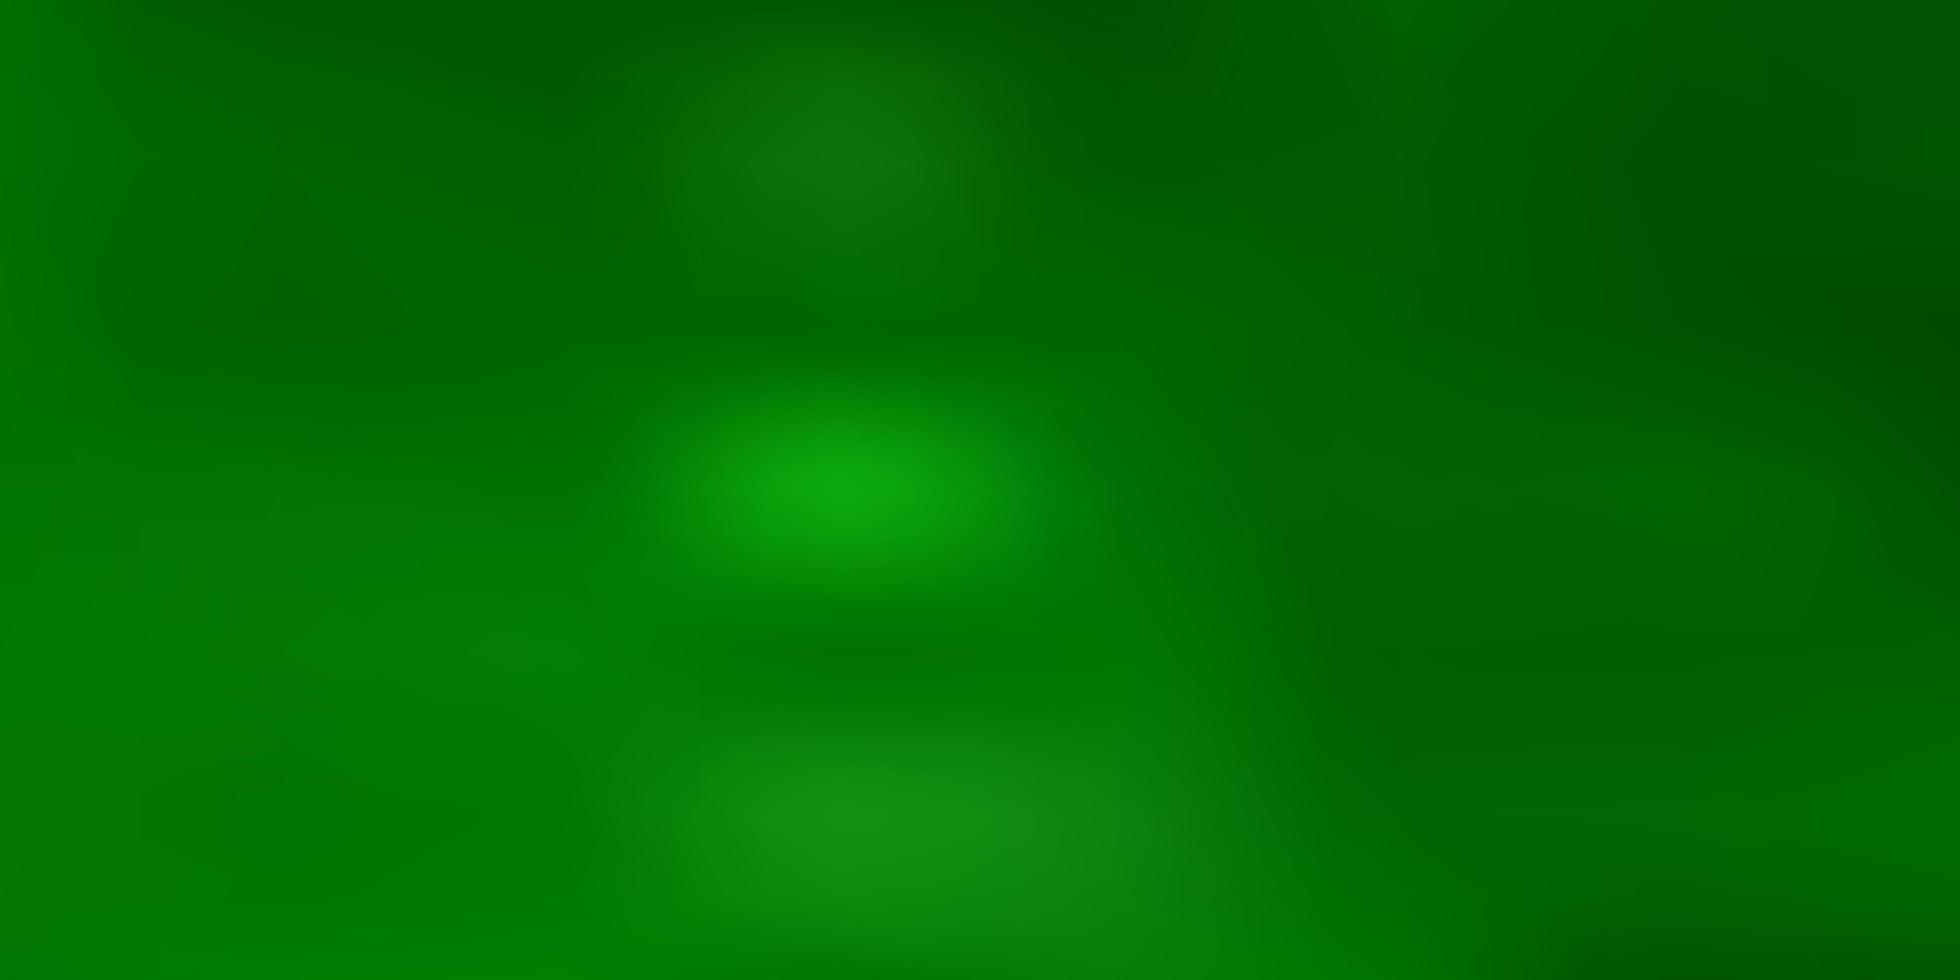 ljusgrön vektor oskärpa bakgrund.